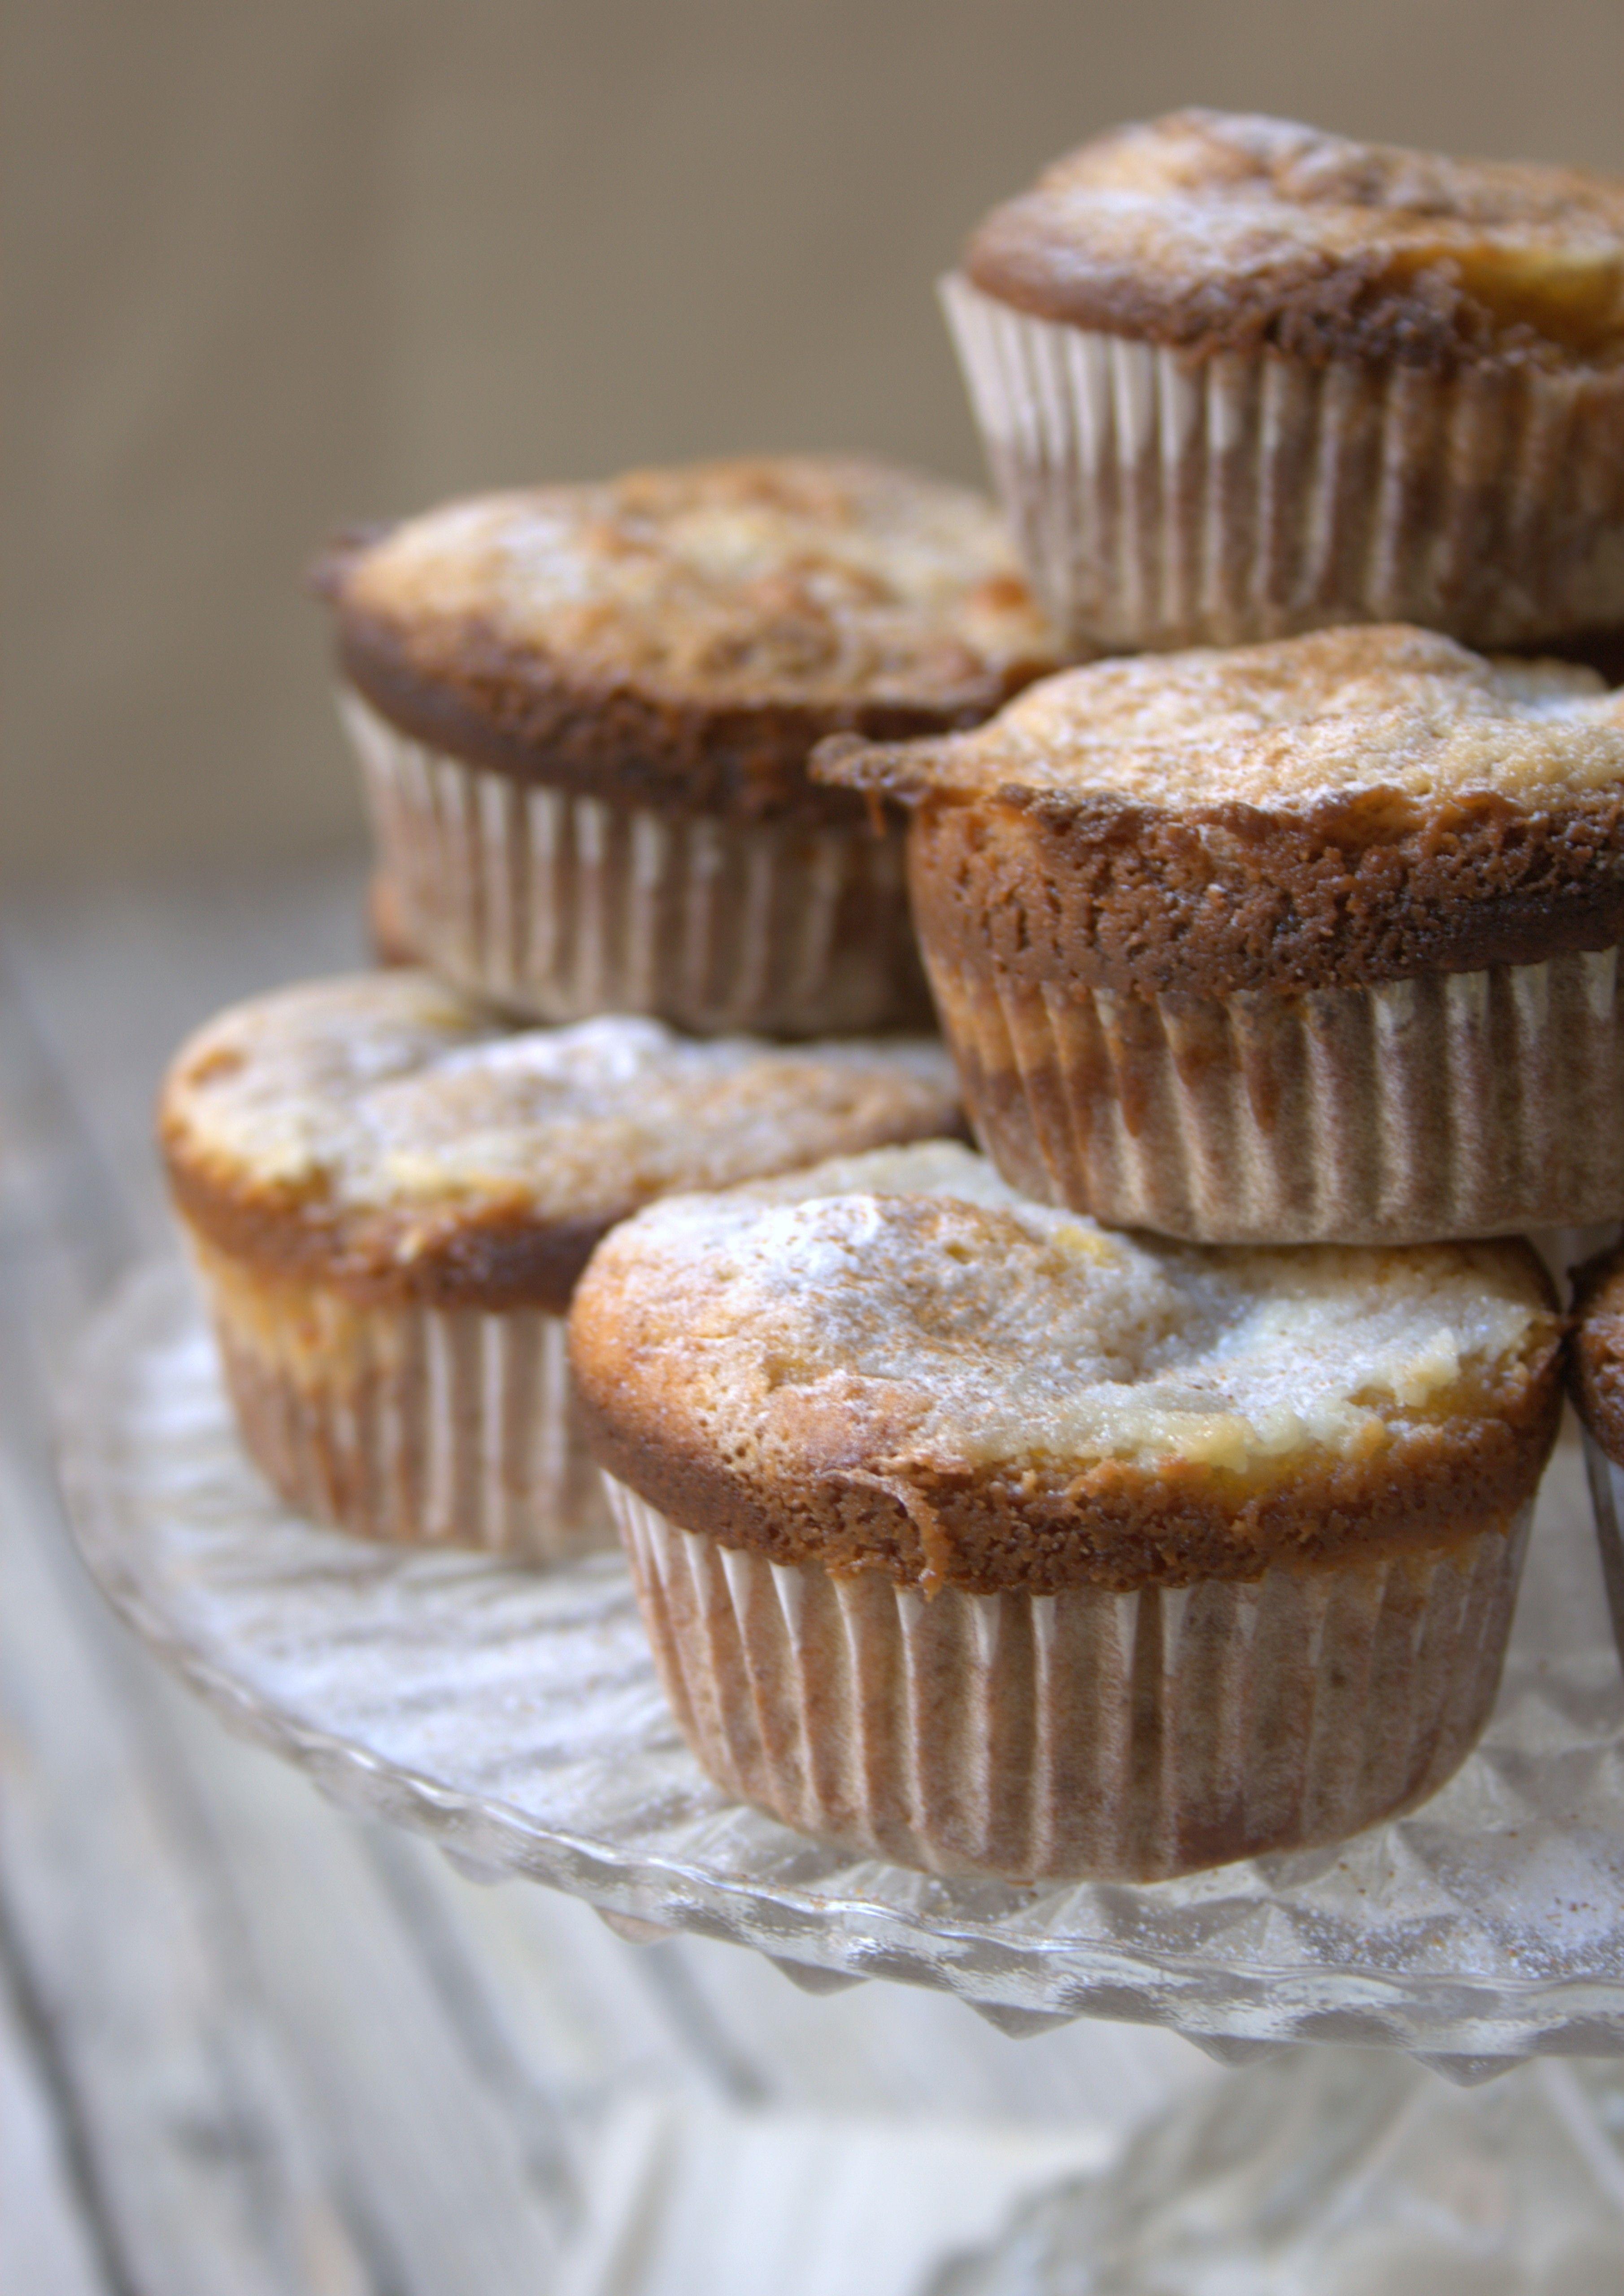 muffins de calabaza con frosting de queso crema gratinado (receta sin azúcar añadido)